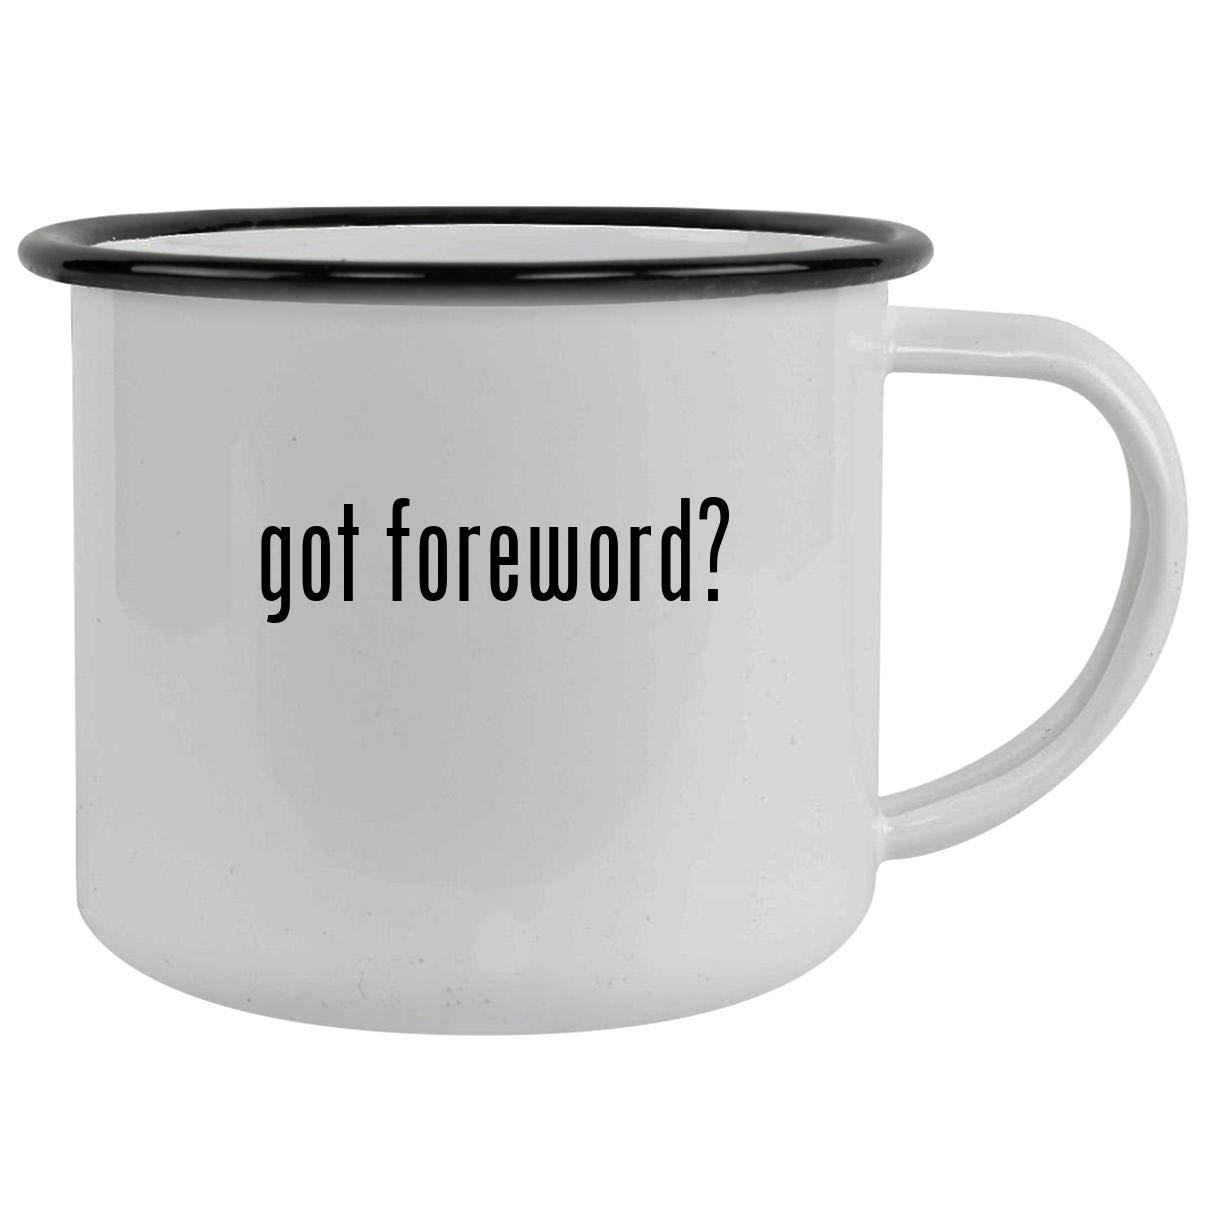 got foreword? - 12oz Camping Mug Stainless Steel, Black